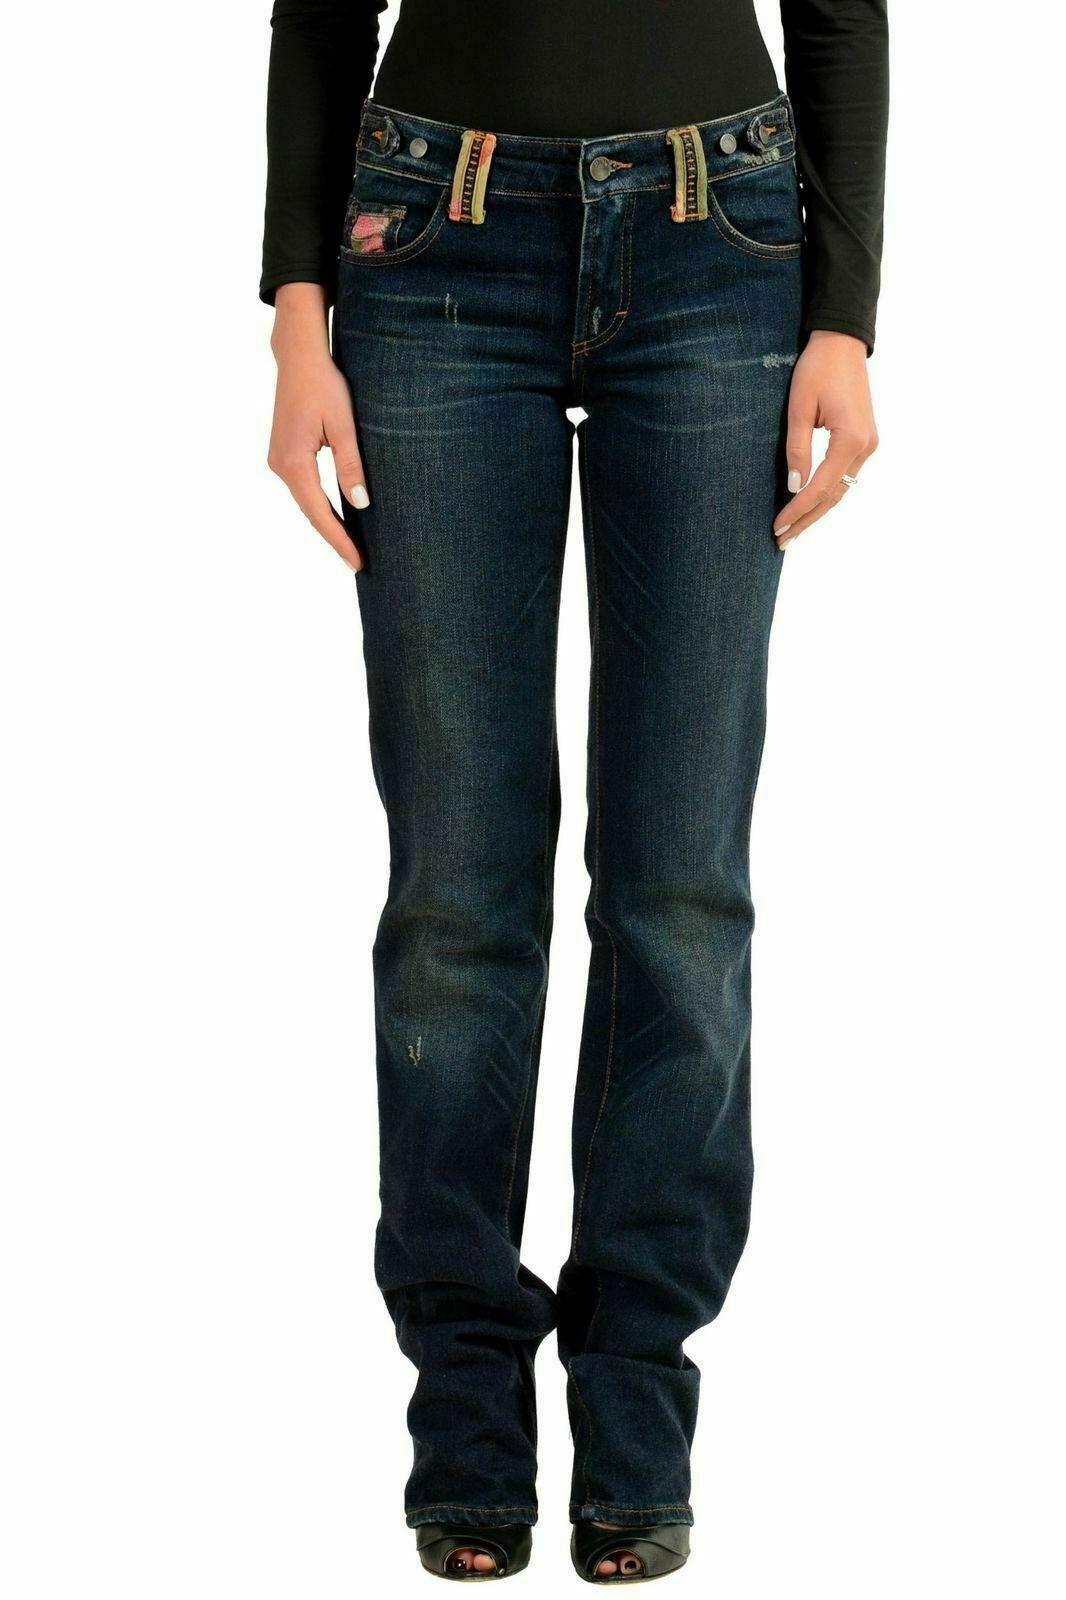 Galliano Decorato Donna Jeans Taglio Dritto Us 6 It 28